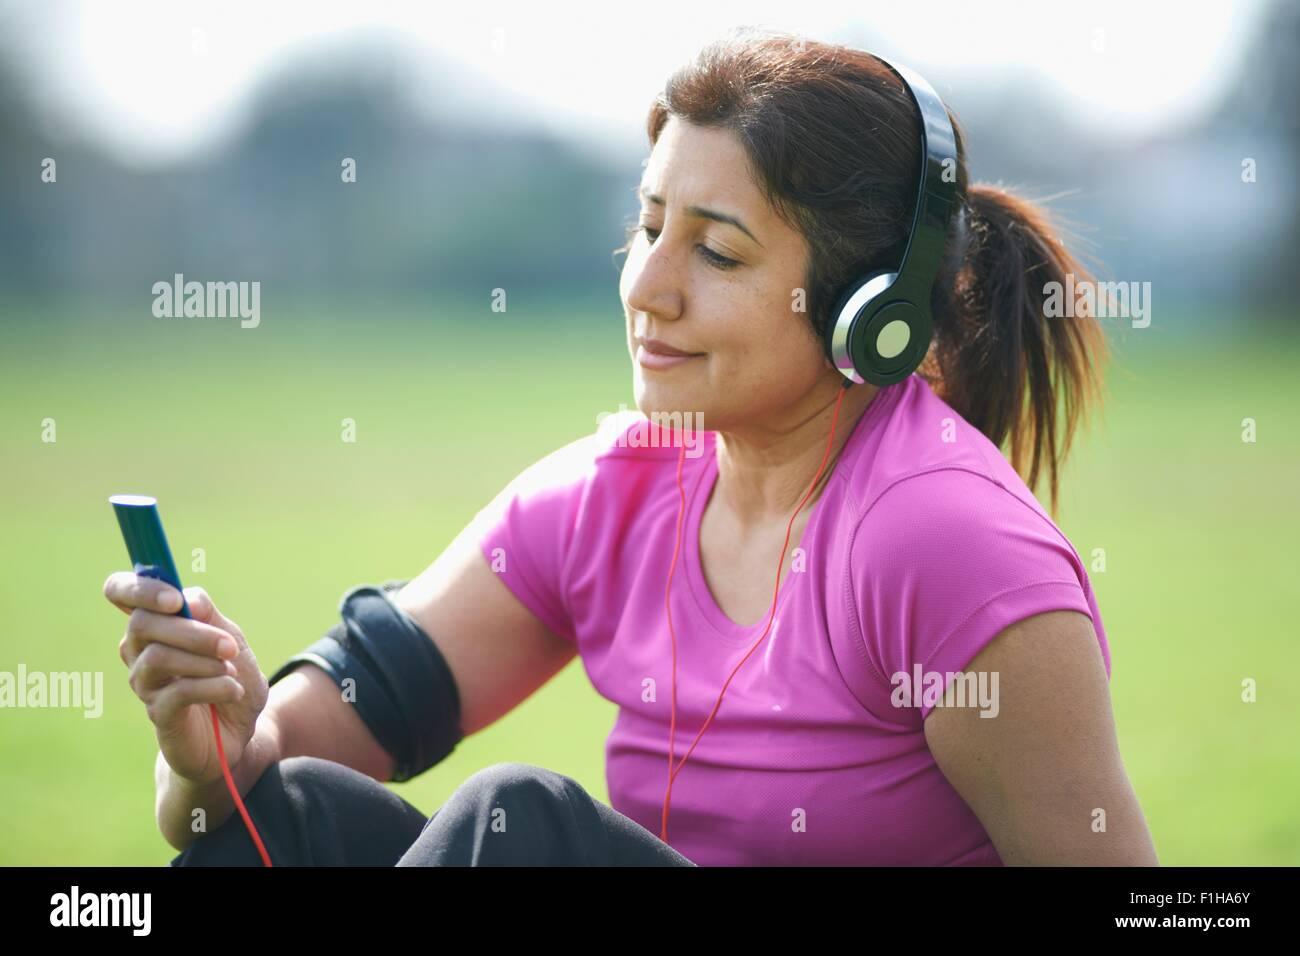 Mujer madura teniendo ejercicio romper en estacionamiento seleccionar música desde el reproductor de MP3 Imagen De Stock